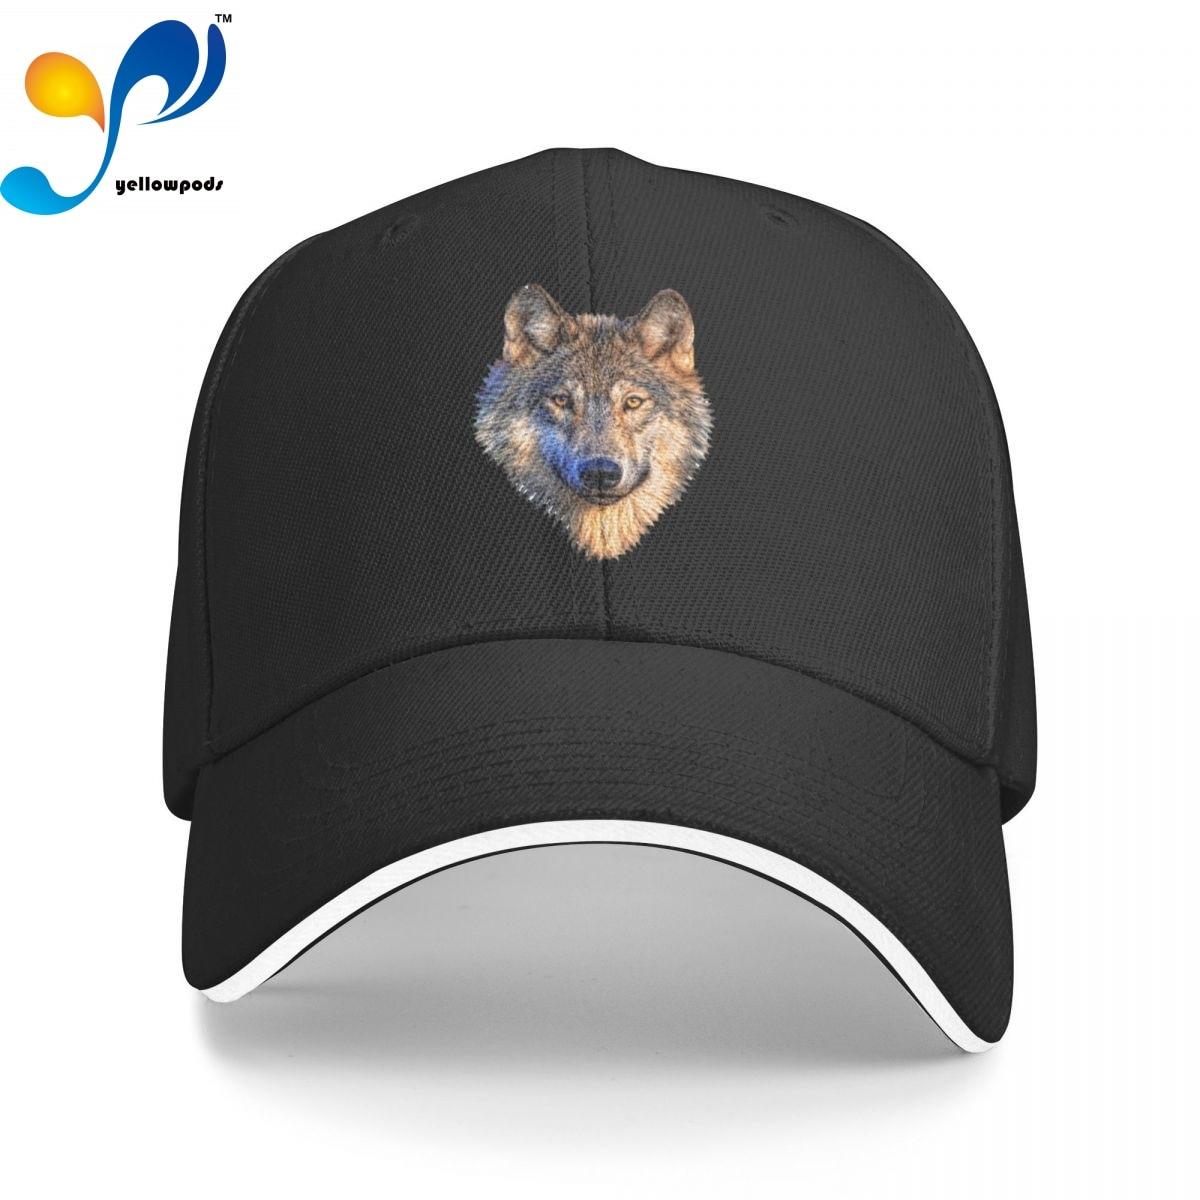 Крутая Кепка с головой волка, бейсболка для мужчин, бейсболка с клапаном, мужские шапки, кепки с логотипом